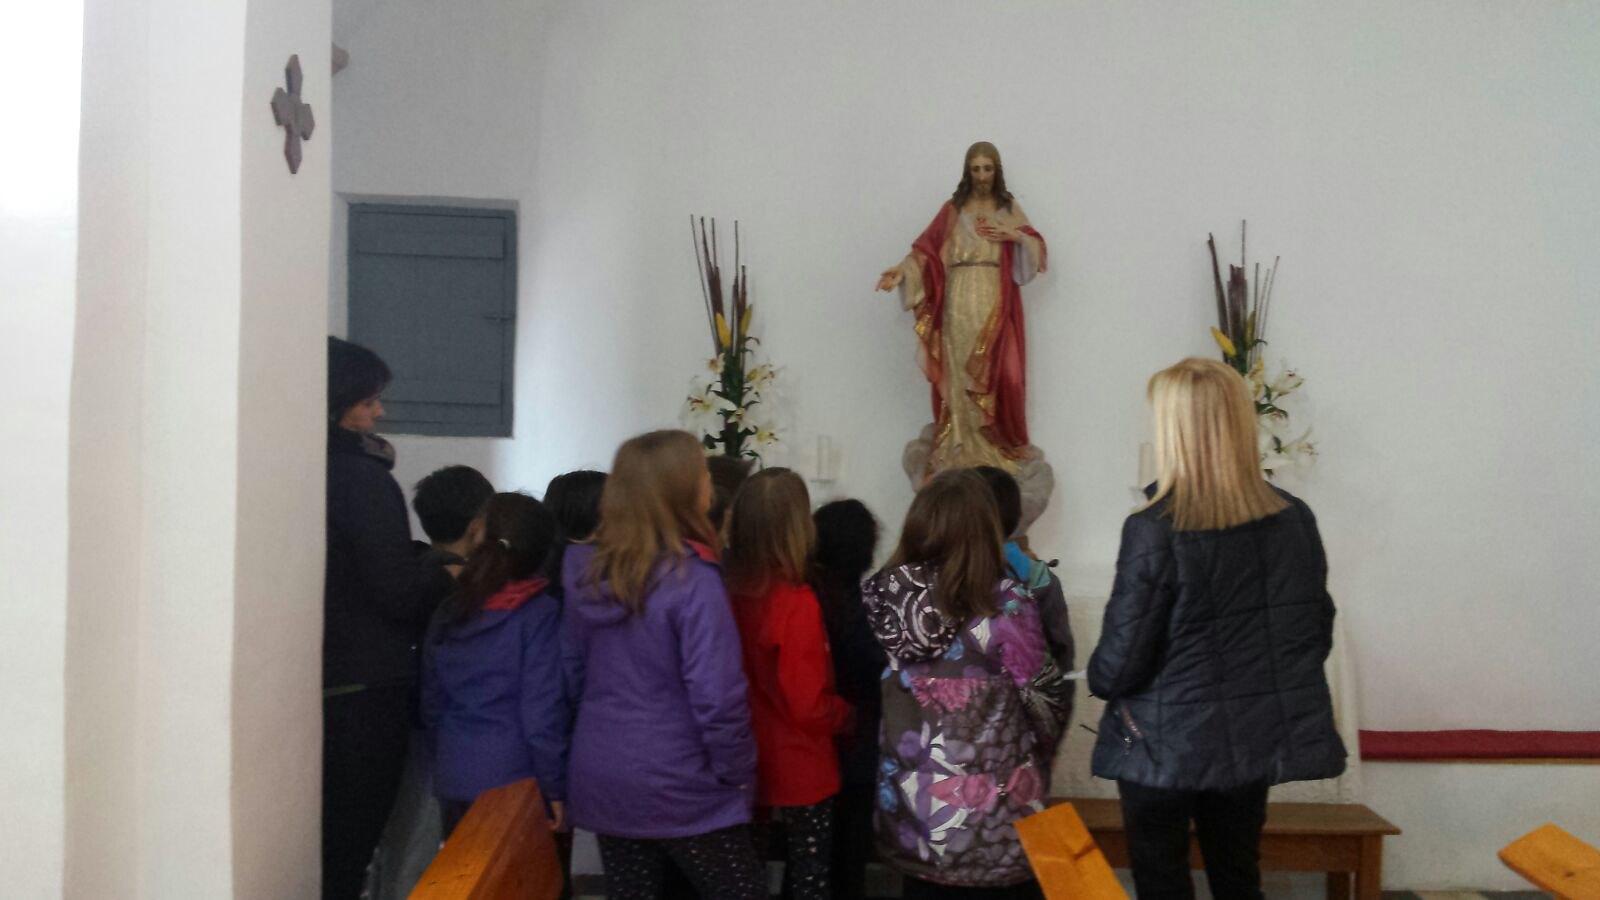 (2018-03-16) - Visita ermita alumnos Laura,3ºB, profesora religión Reina Sofia - Marzo -  María Isabel Berenguer Brotons (06)